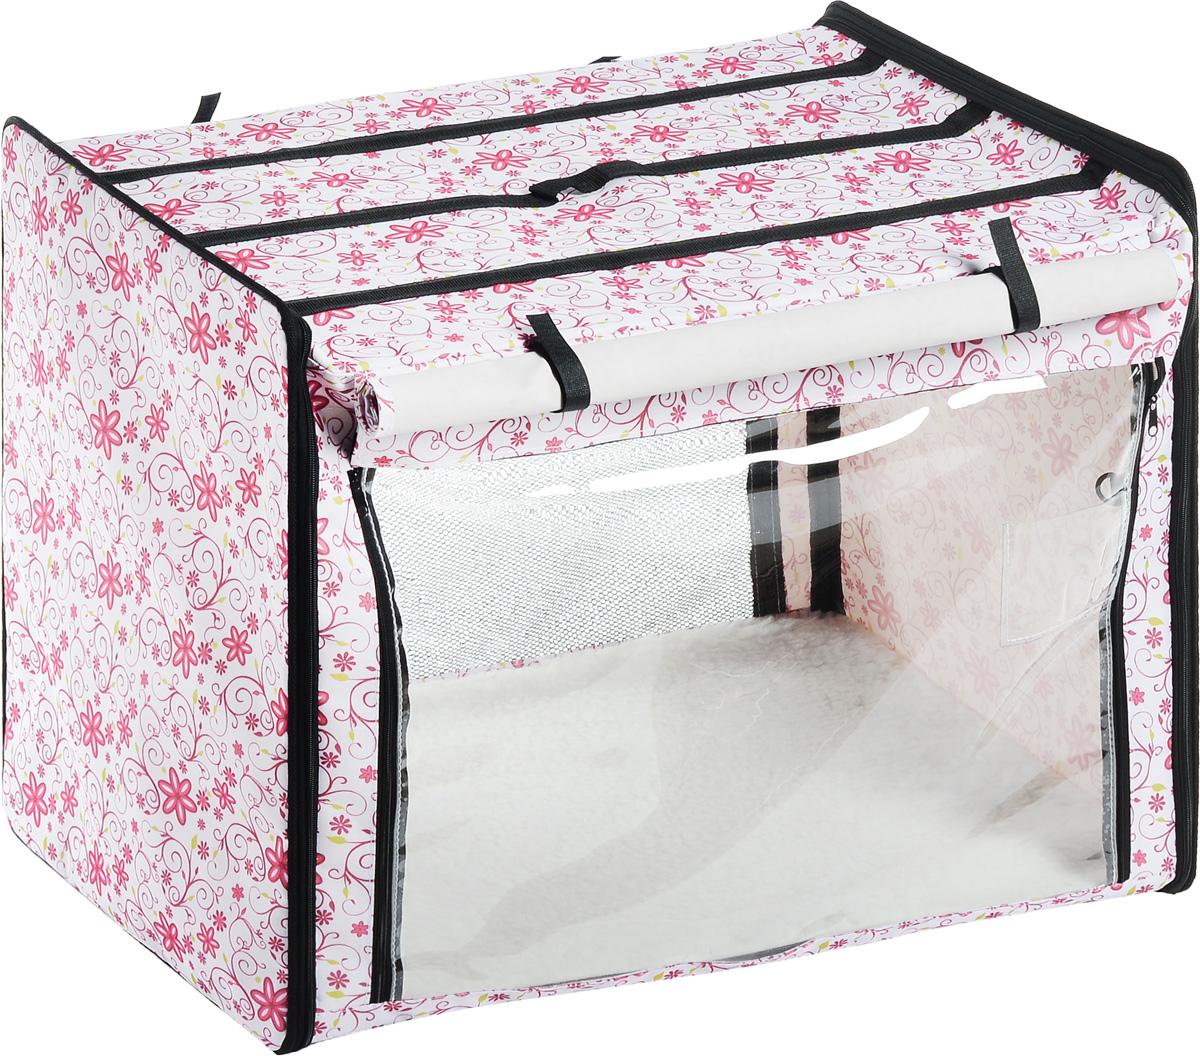 Клетка выставочная Elite Valley, цвет: белый, розовый, зеленый, 75 х 52 х 62 смК-2_белый фон, цветыКлетка Elite Valley предназначена для показа кошек и собак на выставках. Она выполнена из плотного текстиля, каркас - металлический. Клетка оснащена съемными пленкой и сеткой. Внутри имеется мягкая подстилка, выполненная из искусственного меха. Прозрачную пленку можно прикрыть шторкой. Сверху расположена ручка для переноски. В комплекте сумка-чехол для удобной транспортировки.